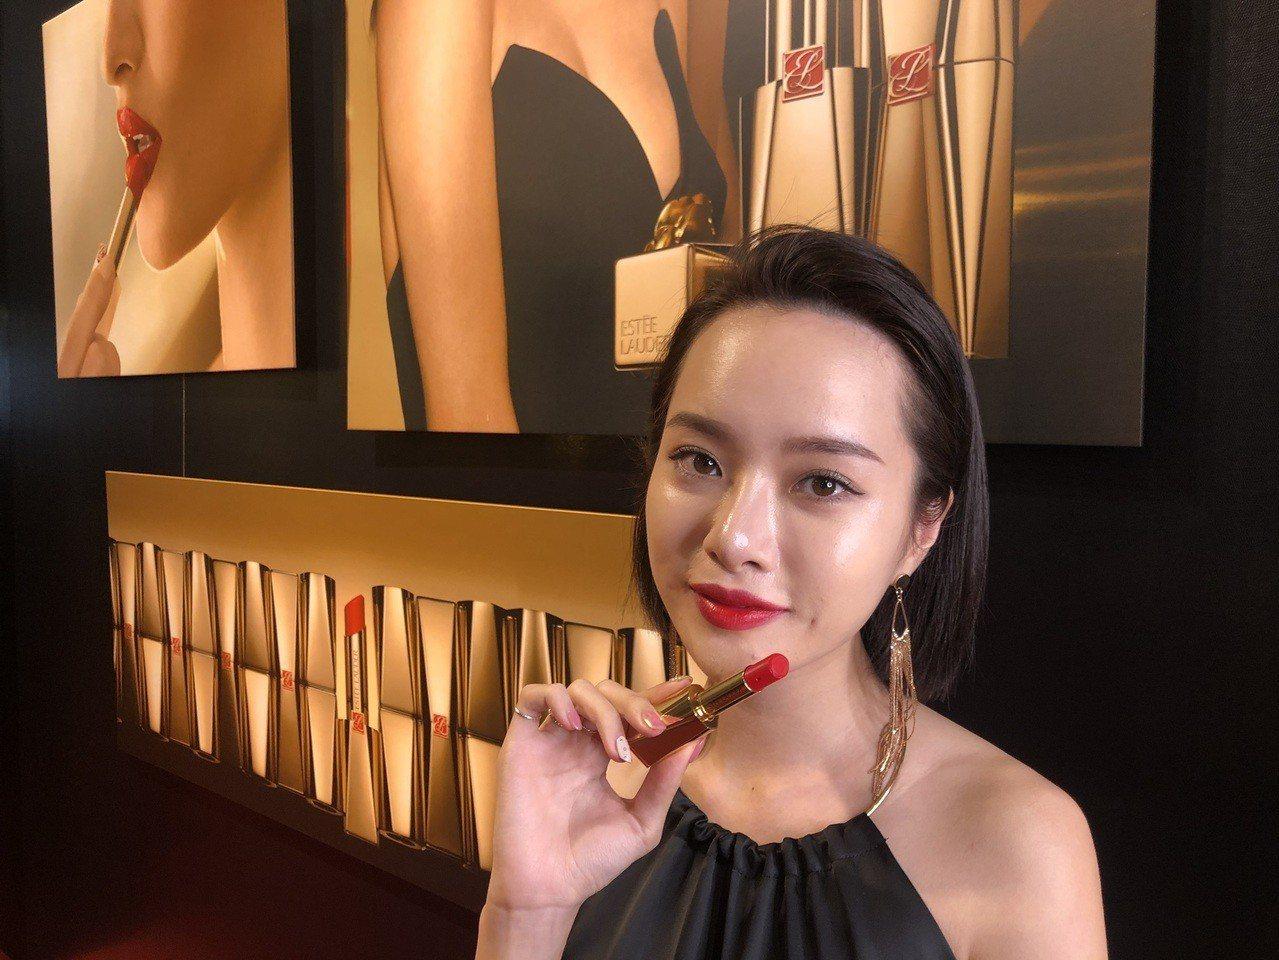 想要成為氣場爆棚的女王,就要擦上雅詩蘭黛的「女王唇膏」。記者劉小川/攝影